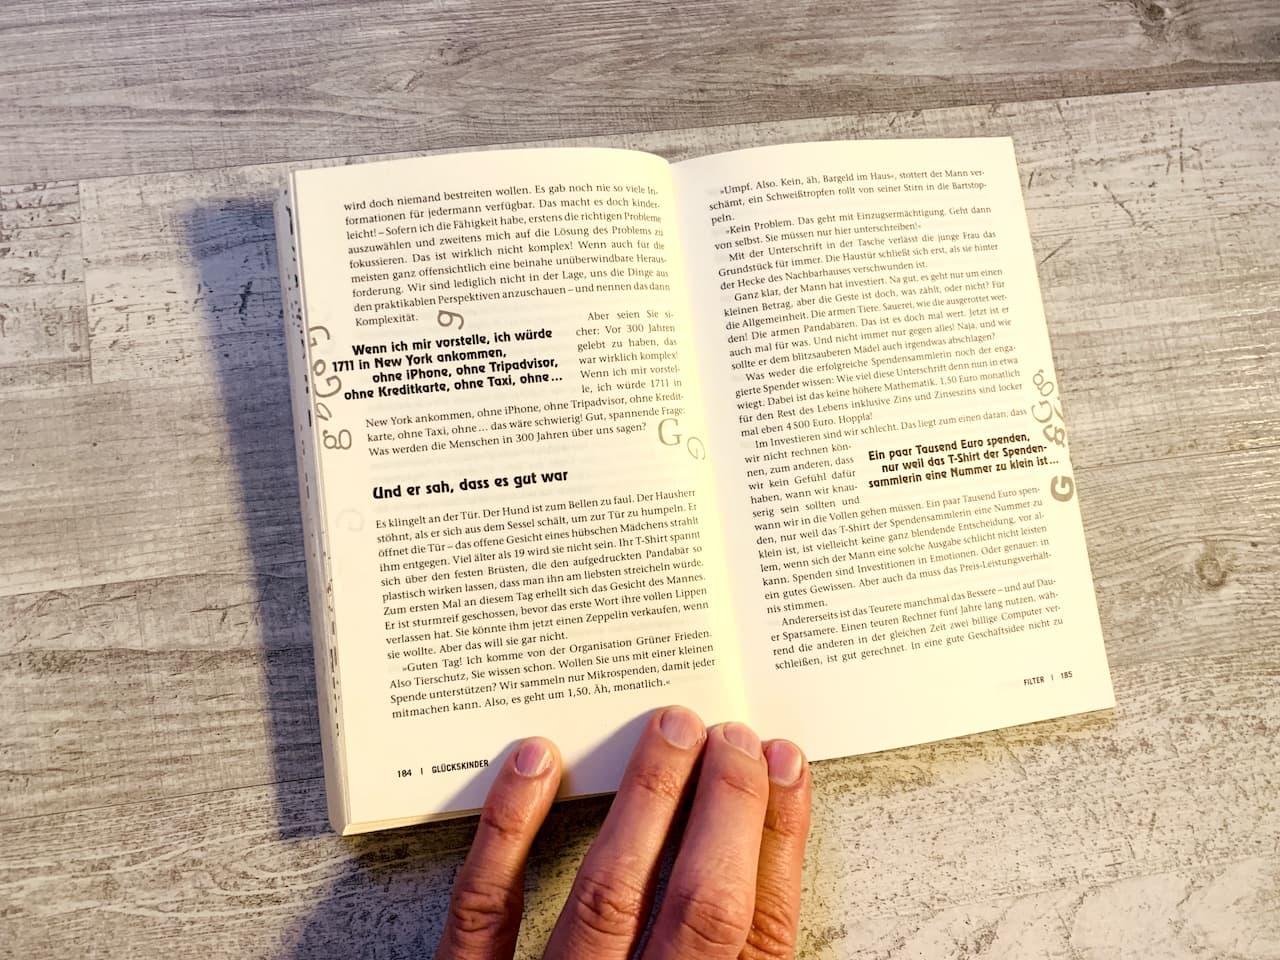 Hermannn Scherer Seite 184 bis 185